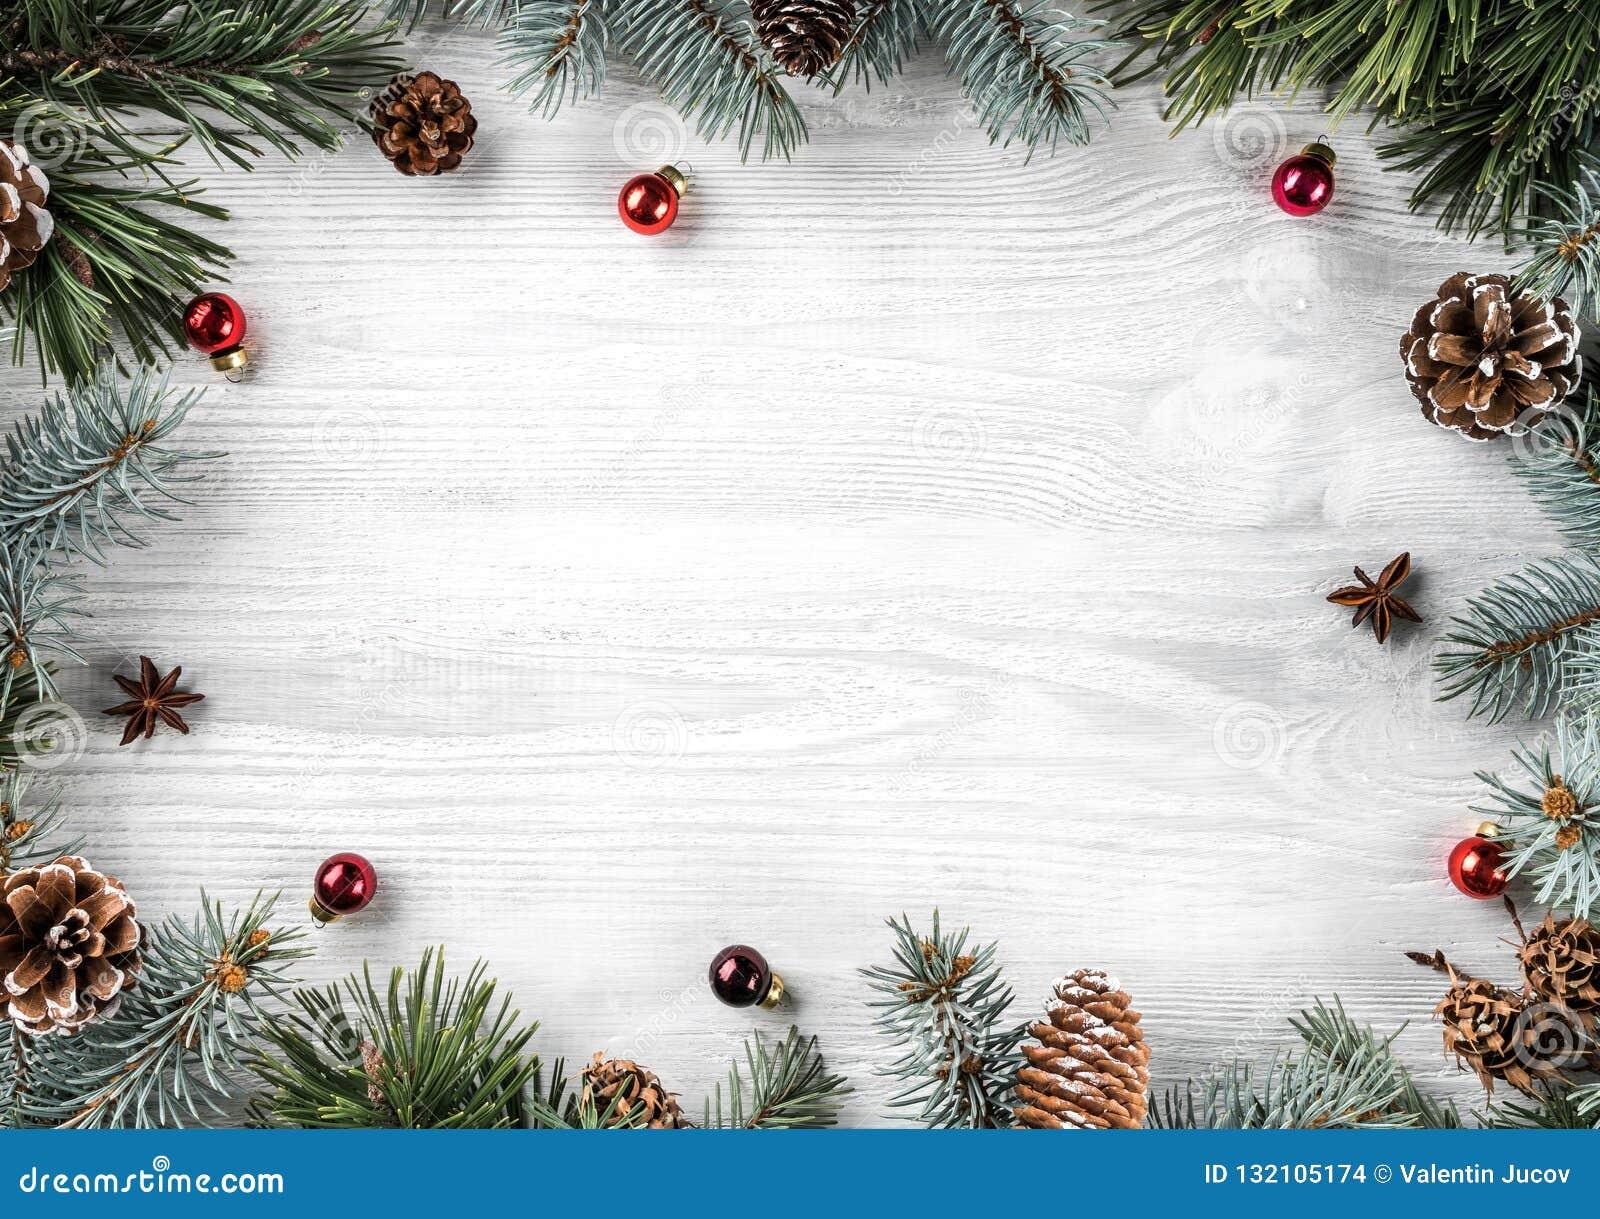 创造性的框架由圣诞节冷杉分支做成在与红色装饰,杉木锥体的白色木背景 Xmas和新年题材